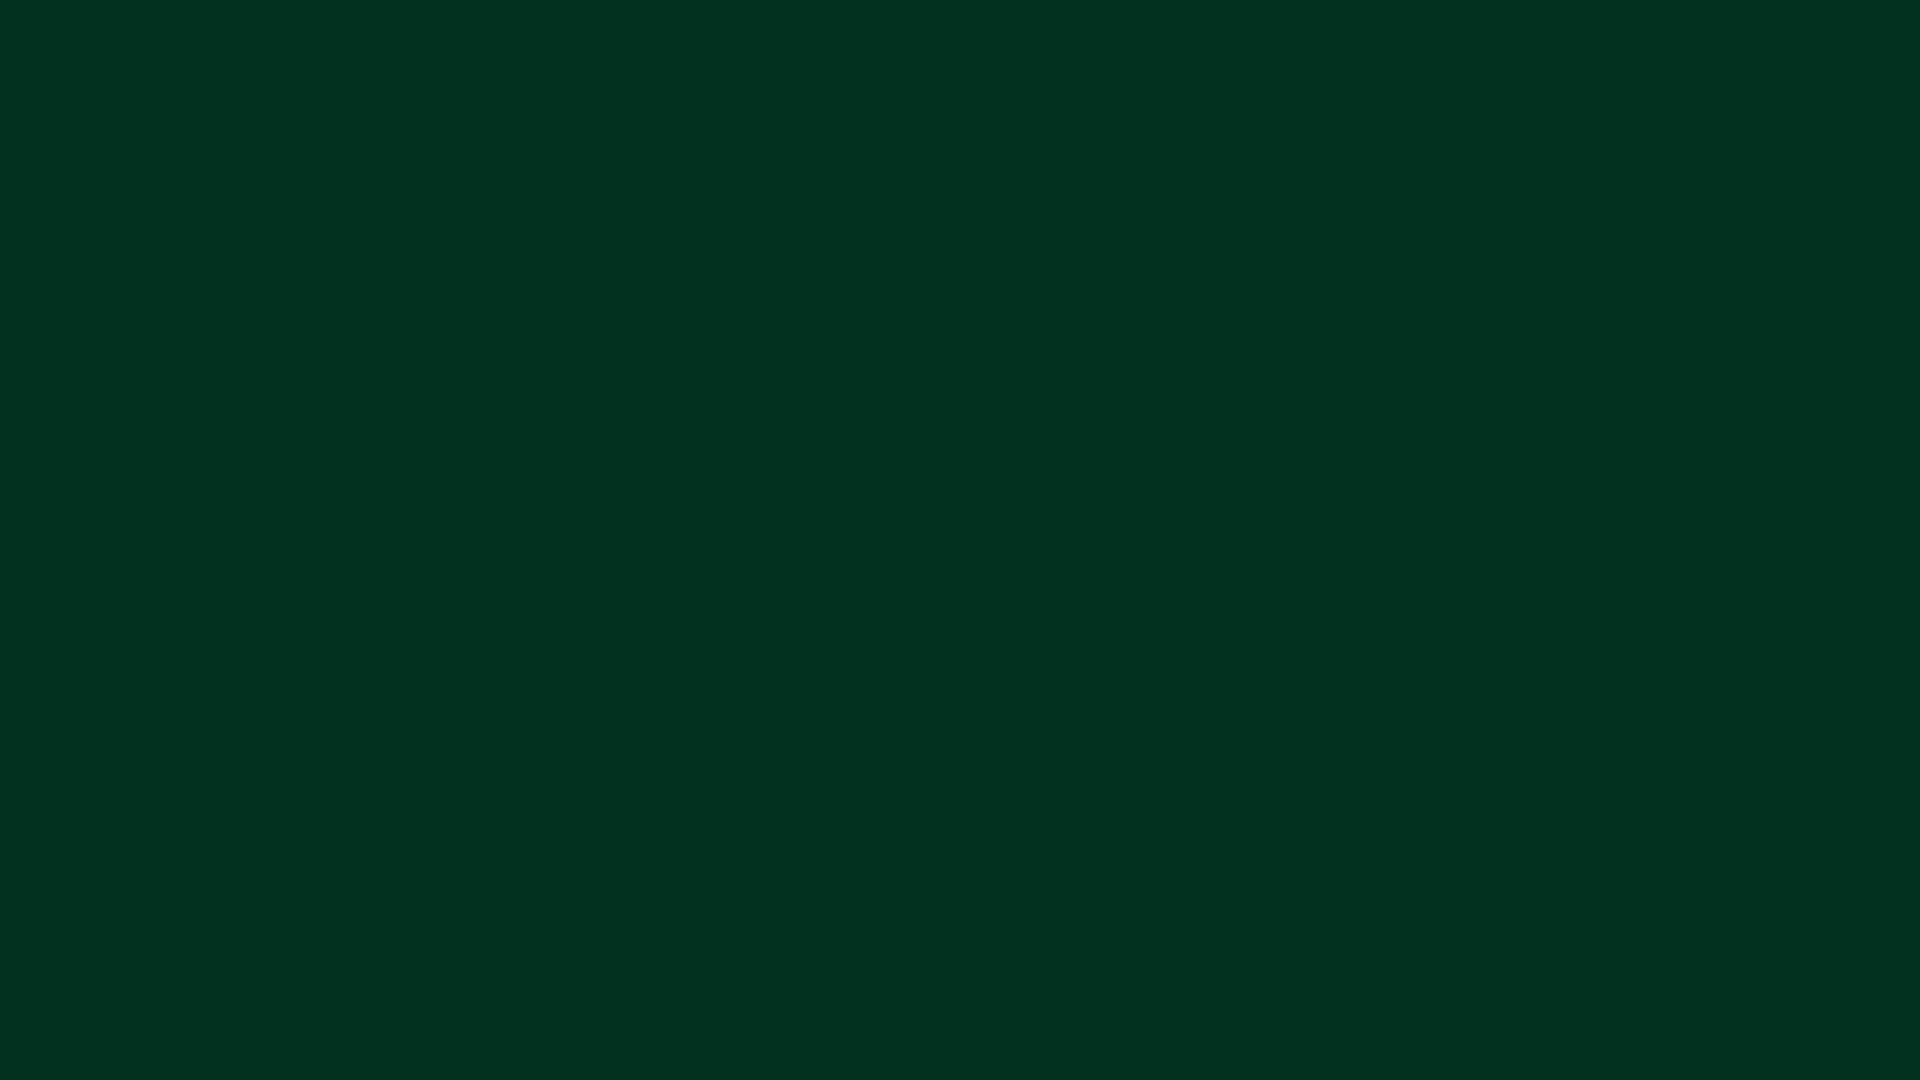 Dark Green Solid Color Wallpaper 2105 1920 x 1080   WallpaperLayercom 1920x1080